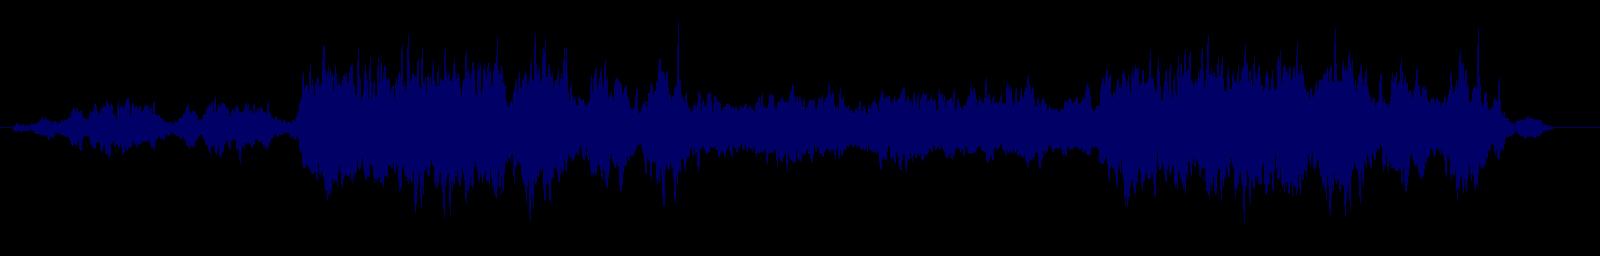 waveform of track #142392